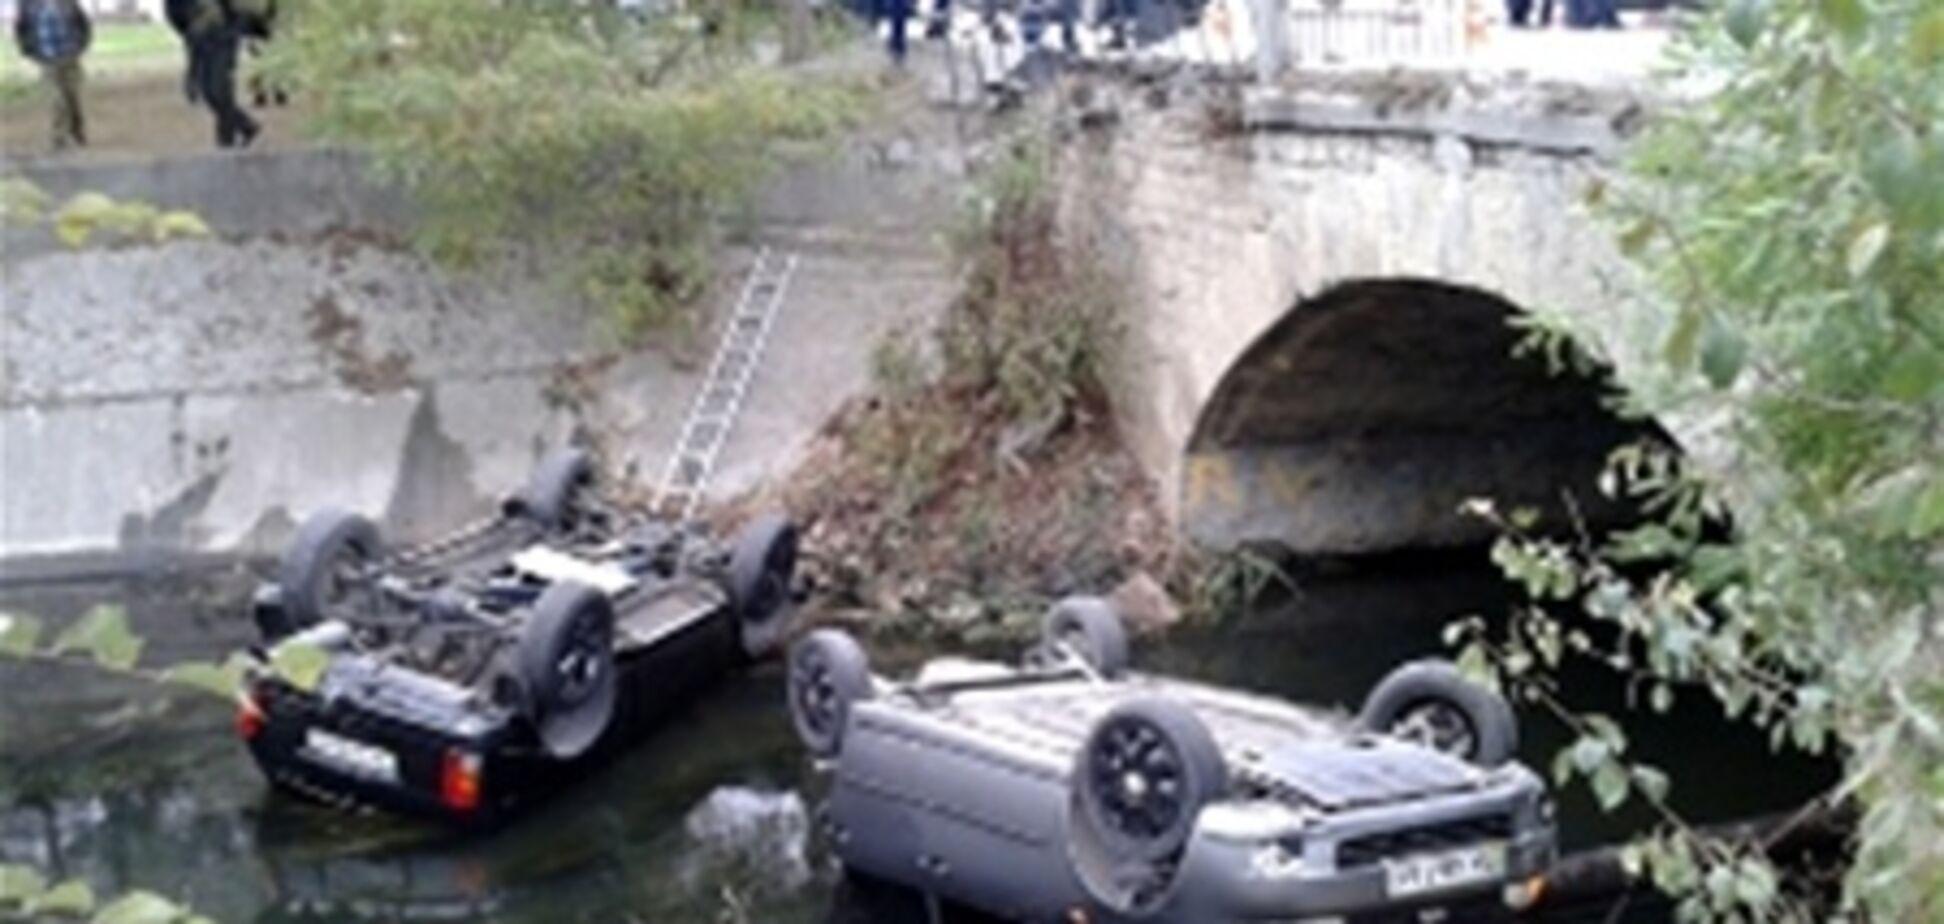 ДТП в Крыму: два автомобиля слетели с моста в реку. Фото. Видео